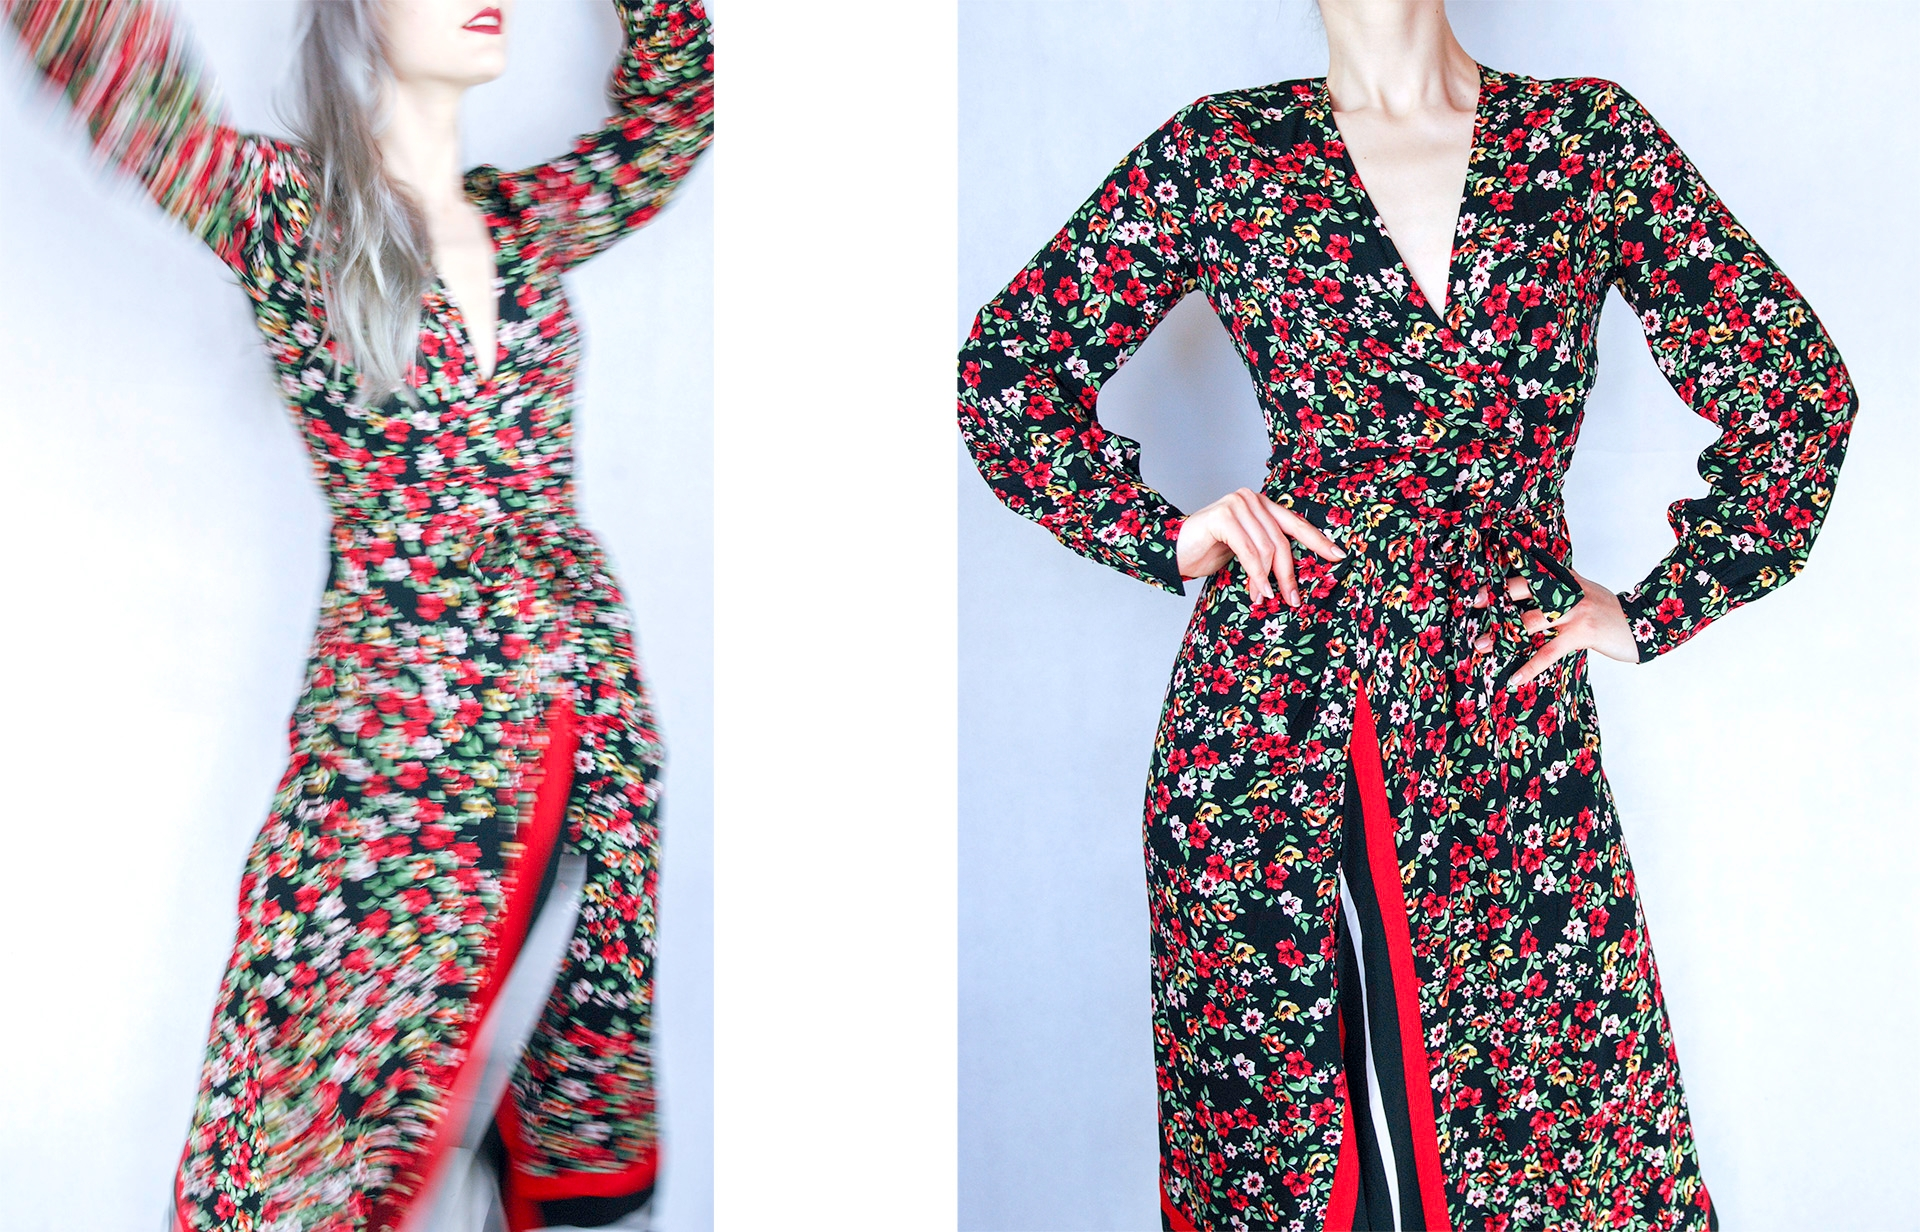 Obraz przedstawia dwa zdjęcia modelki ubranej w długą sukienkę w kwiaty.